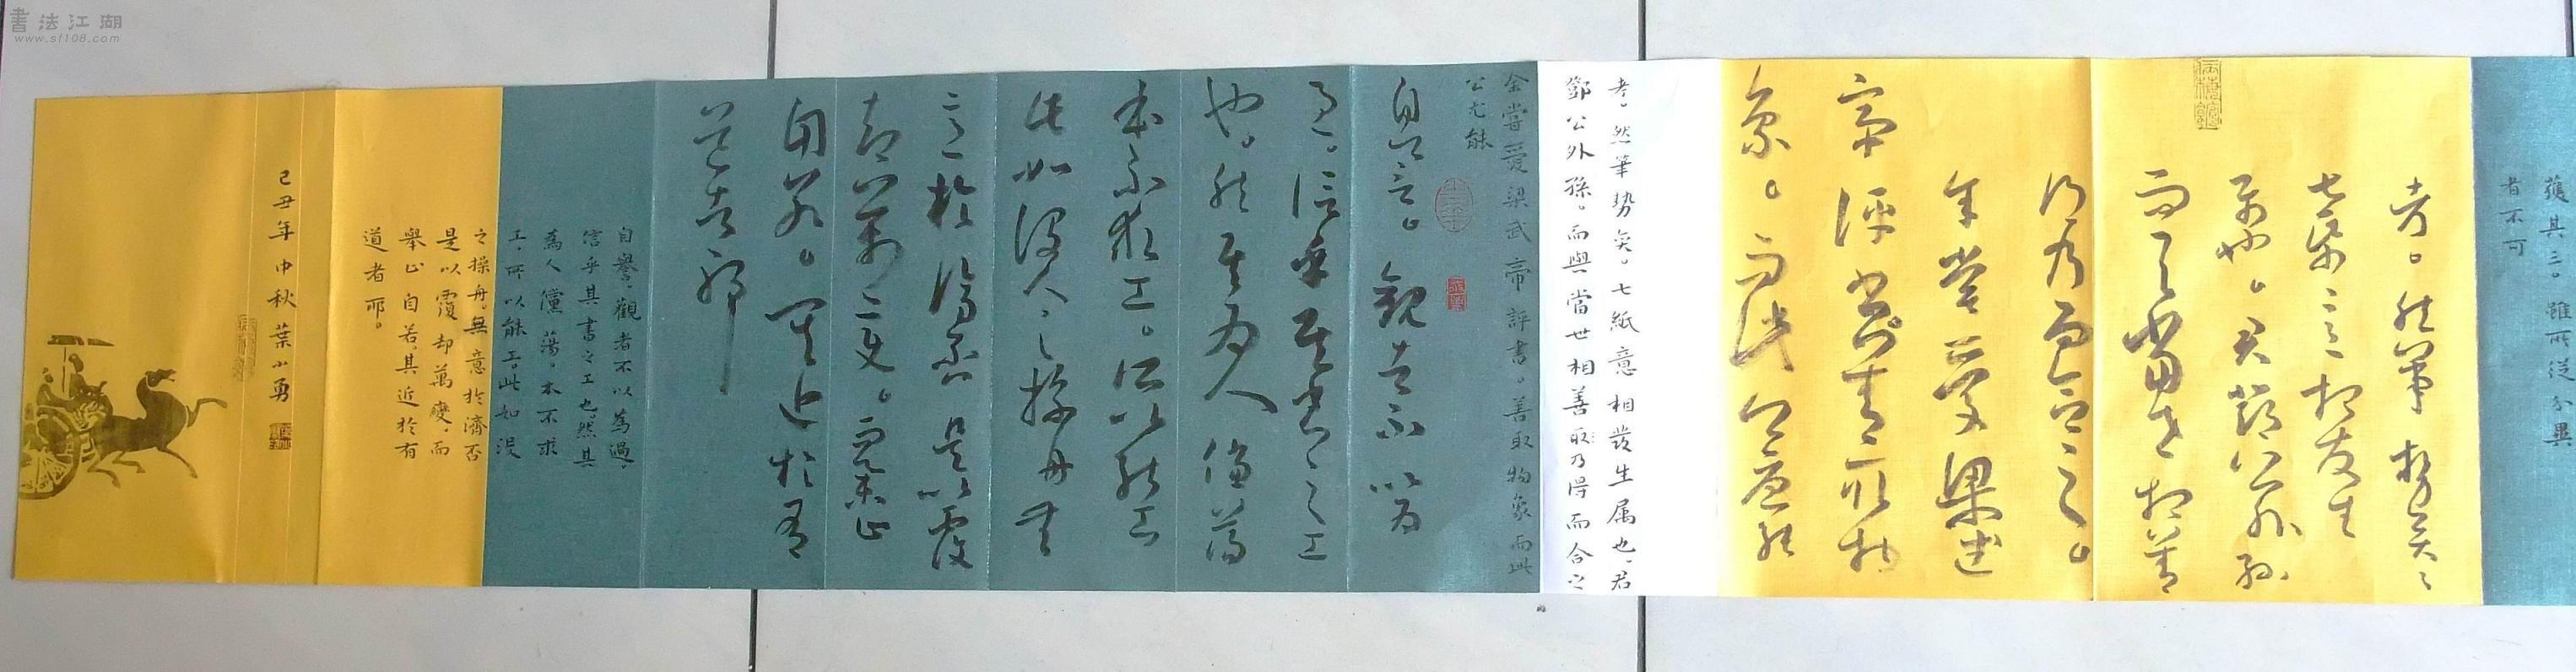 叶小勇书东坡跋文0910-03.jpg